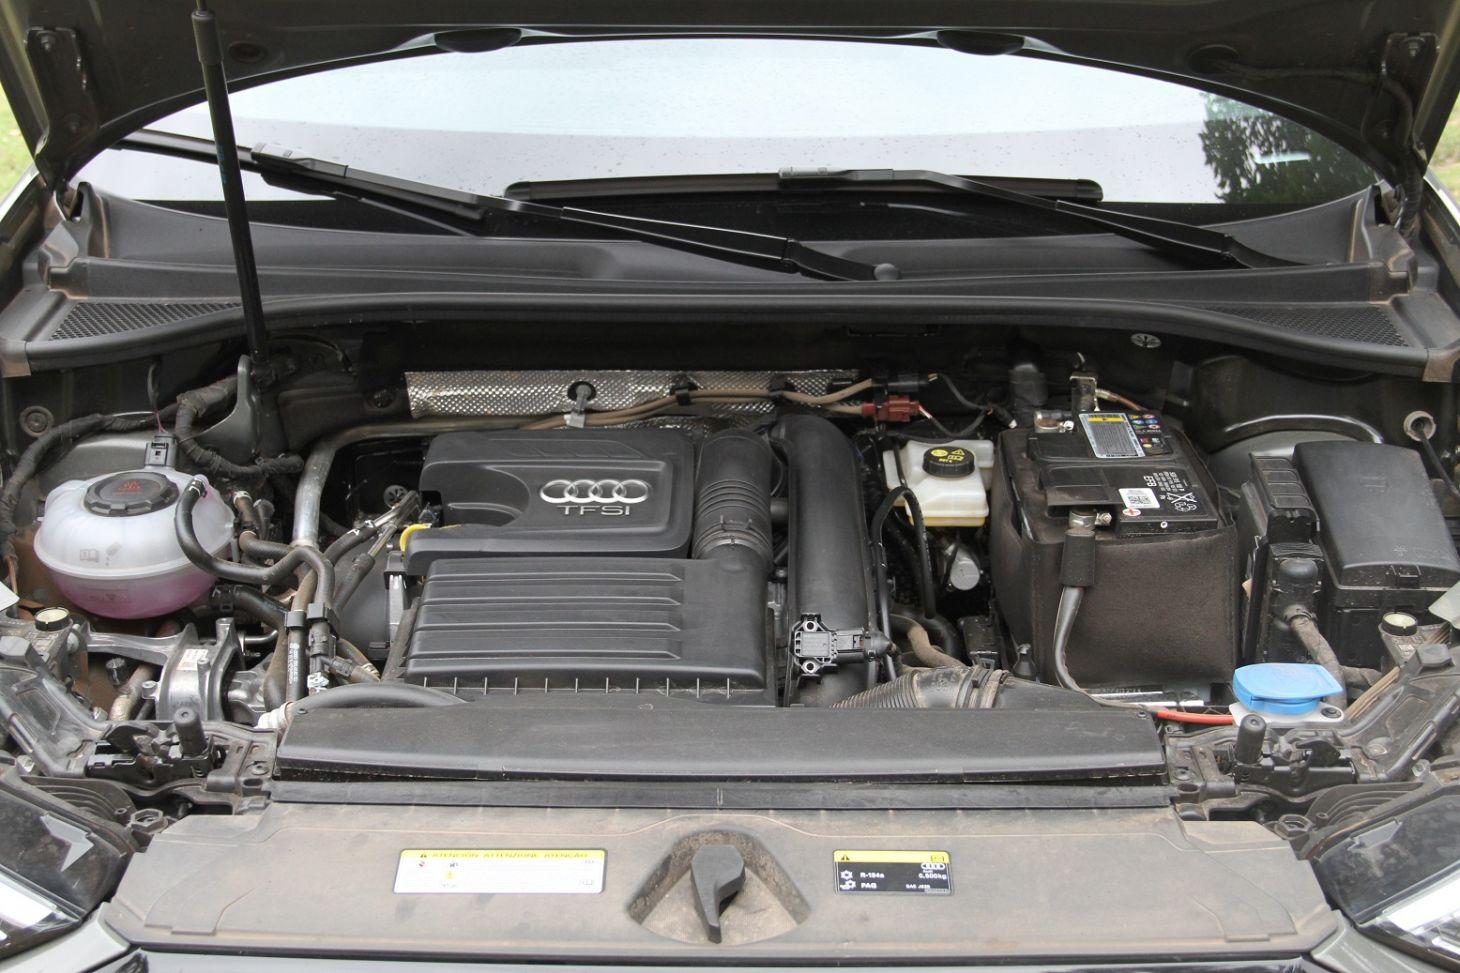 novo audi q3 motor tfsi